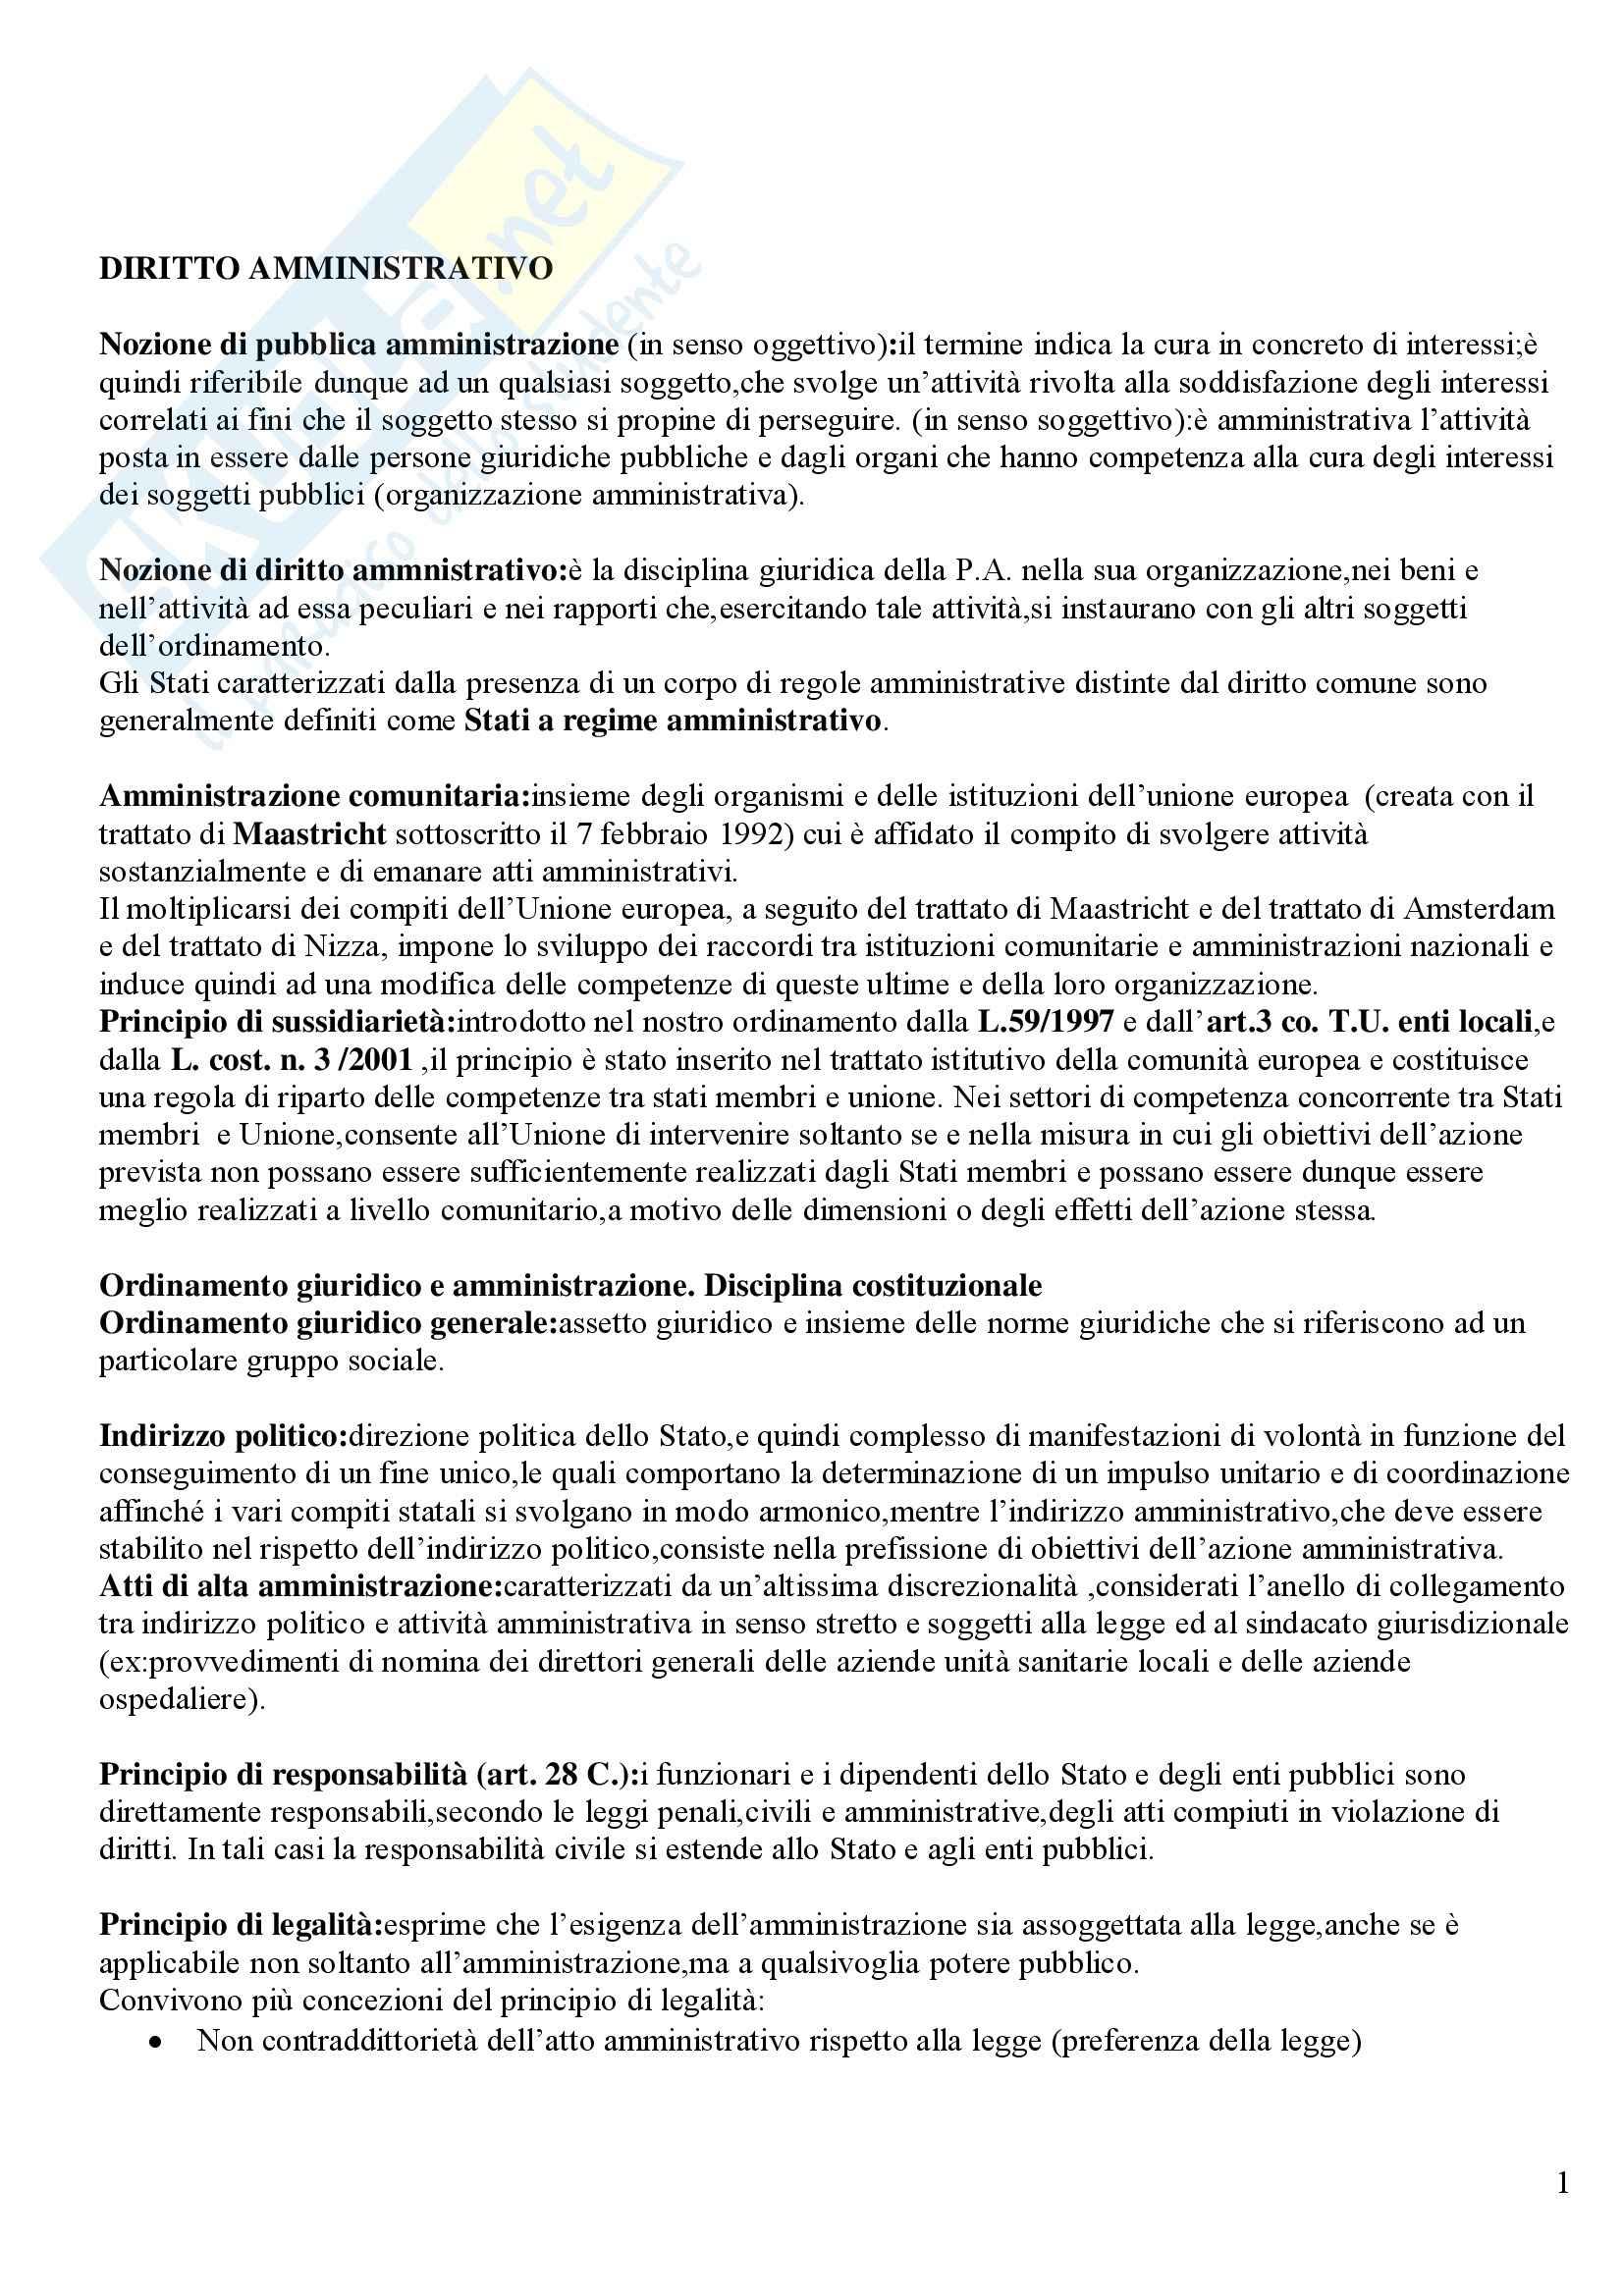 Diritto amministrativo - Riassunto esame, prof. Sandulli